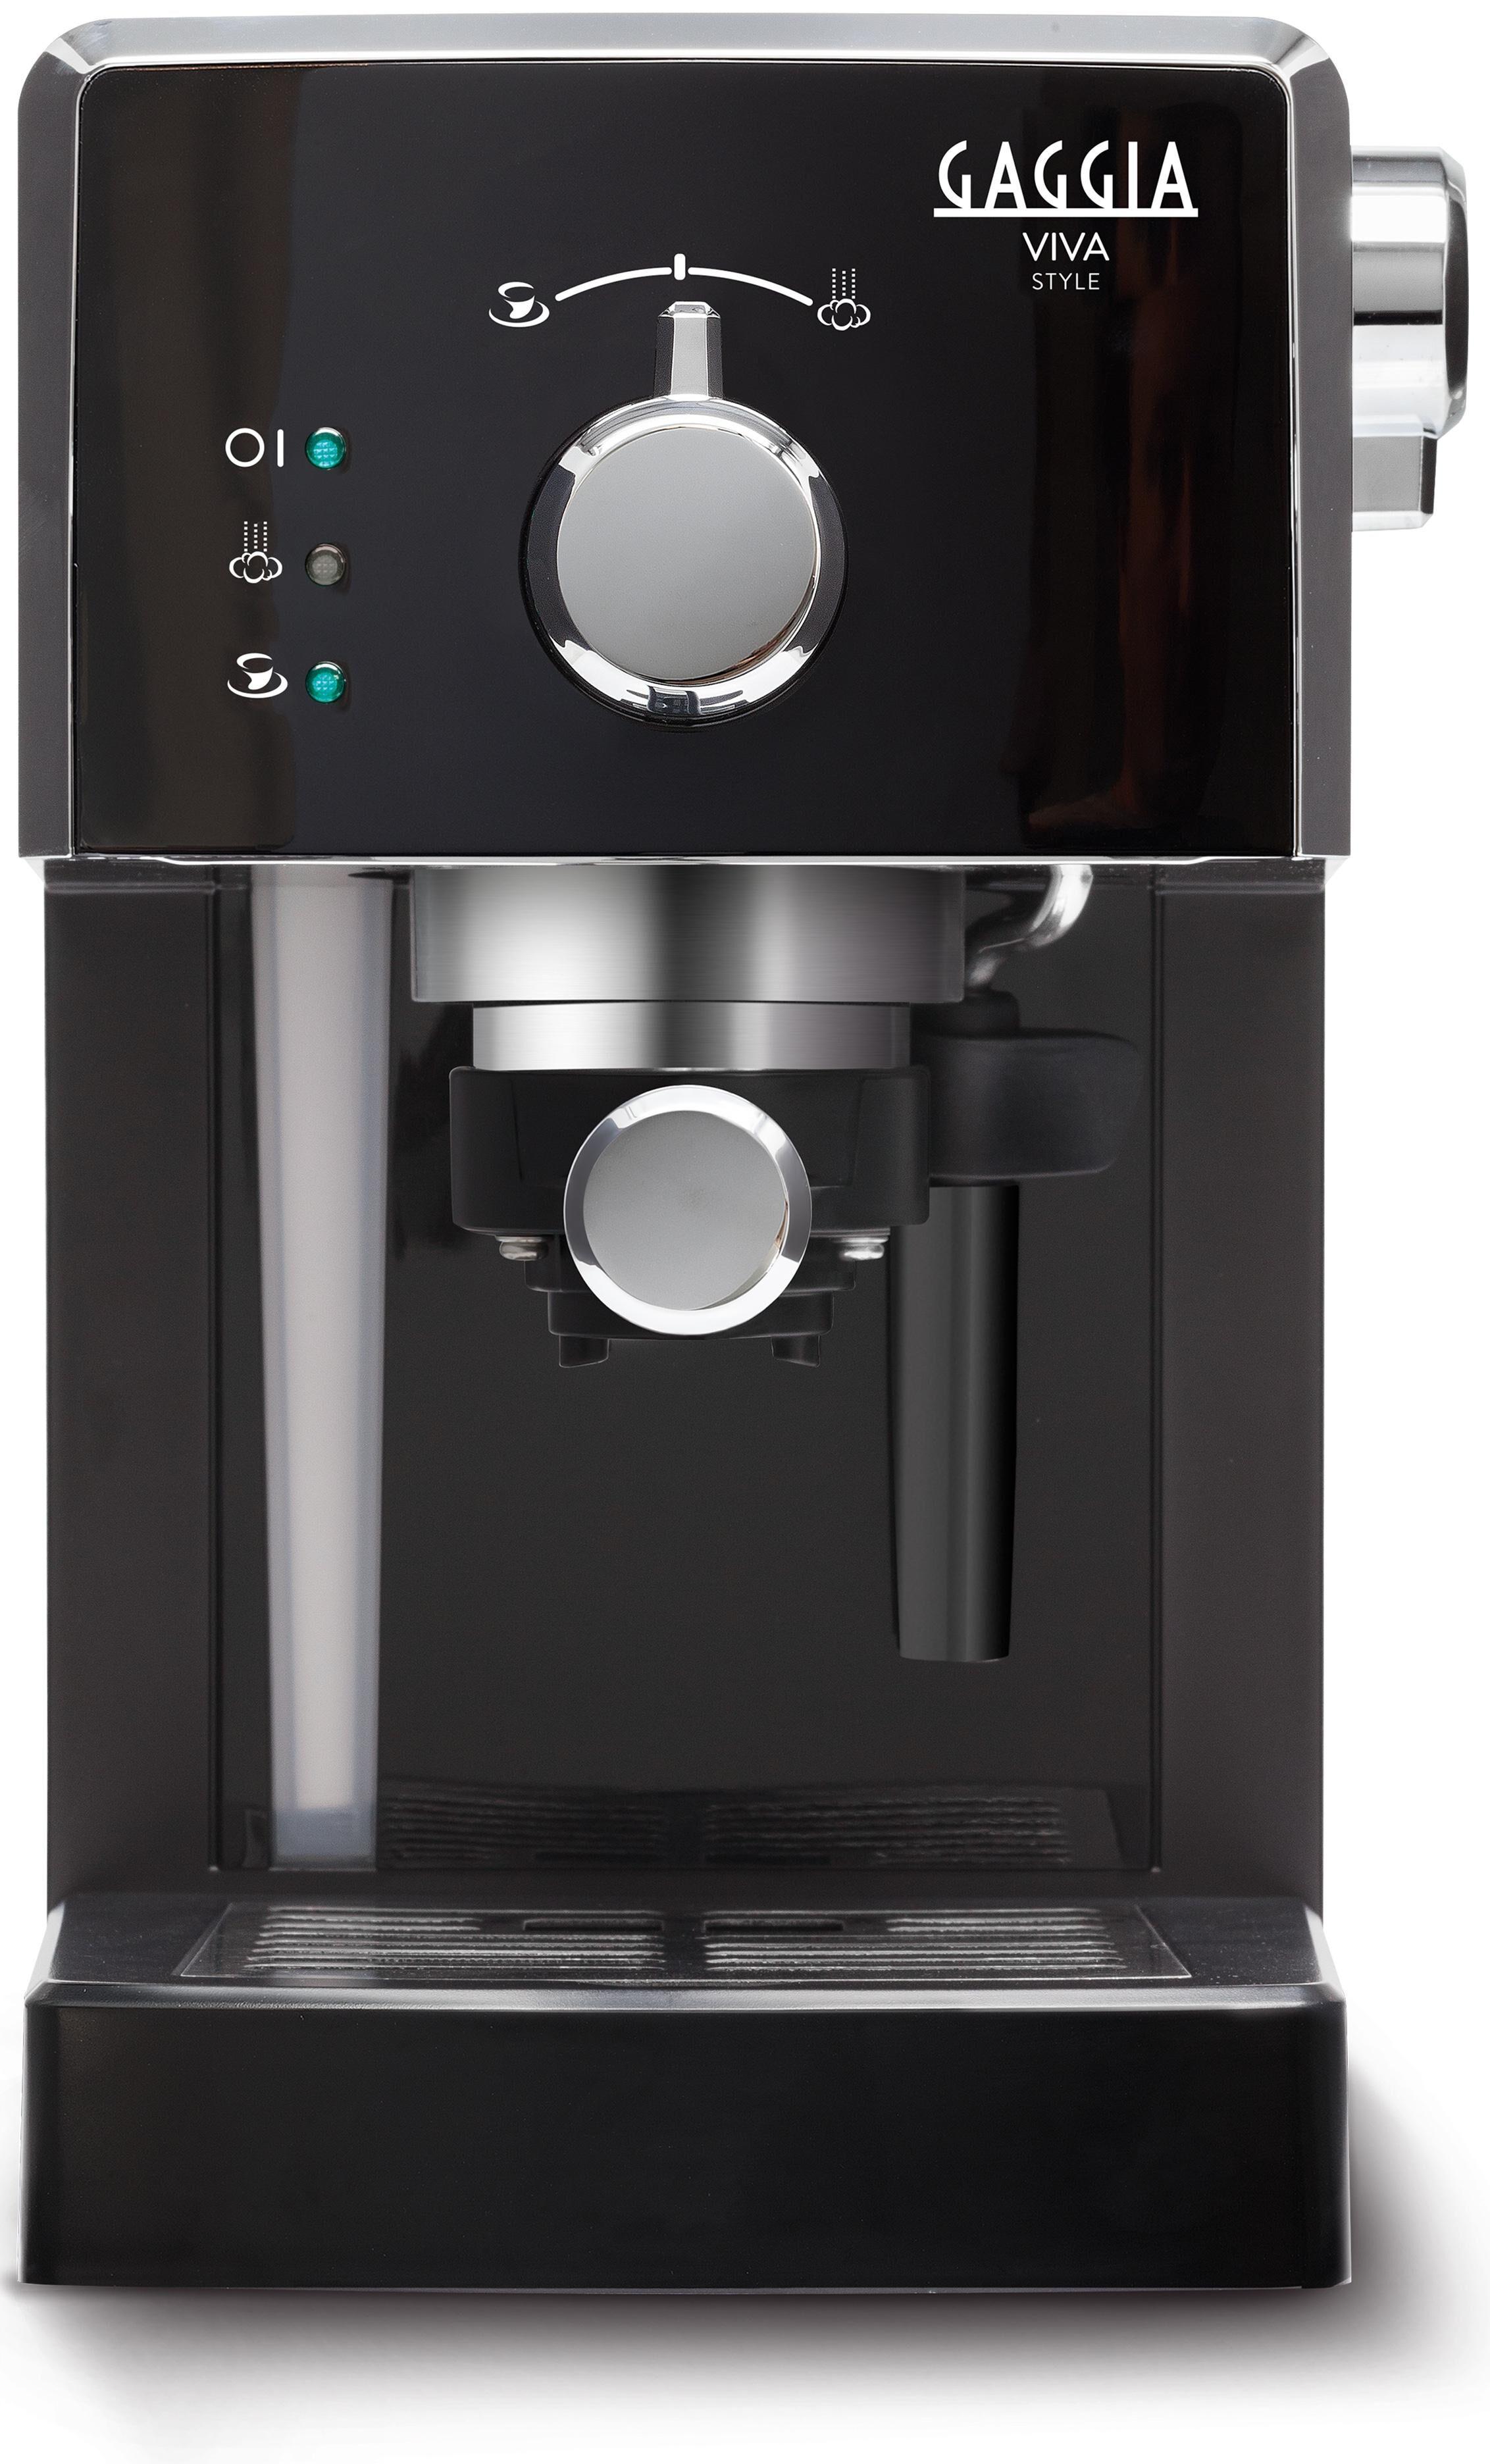 gaggia macchina da caffè manuale ri8433/11